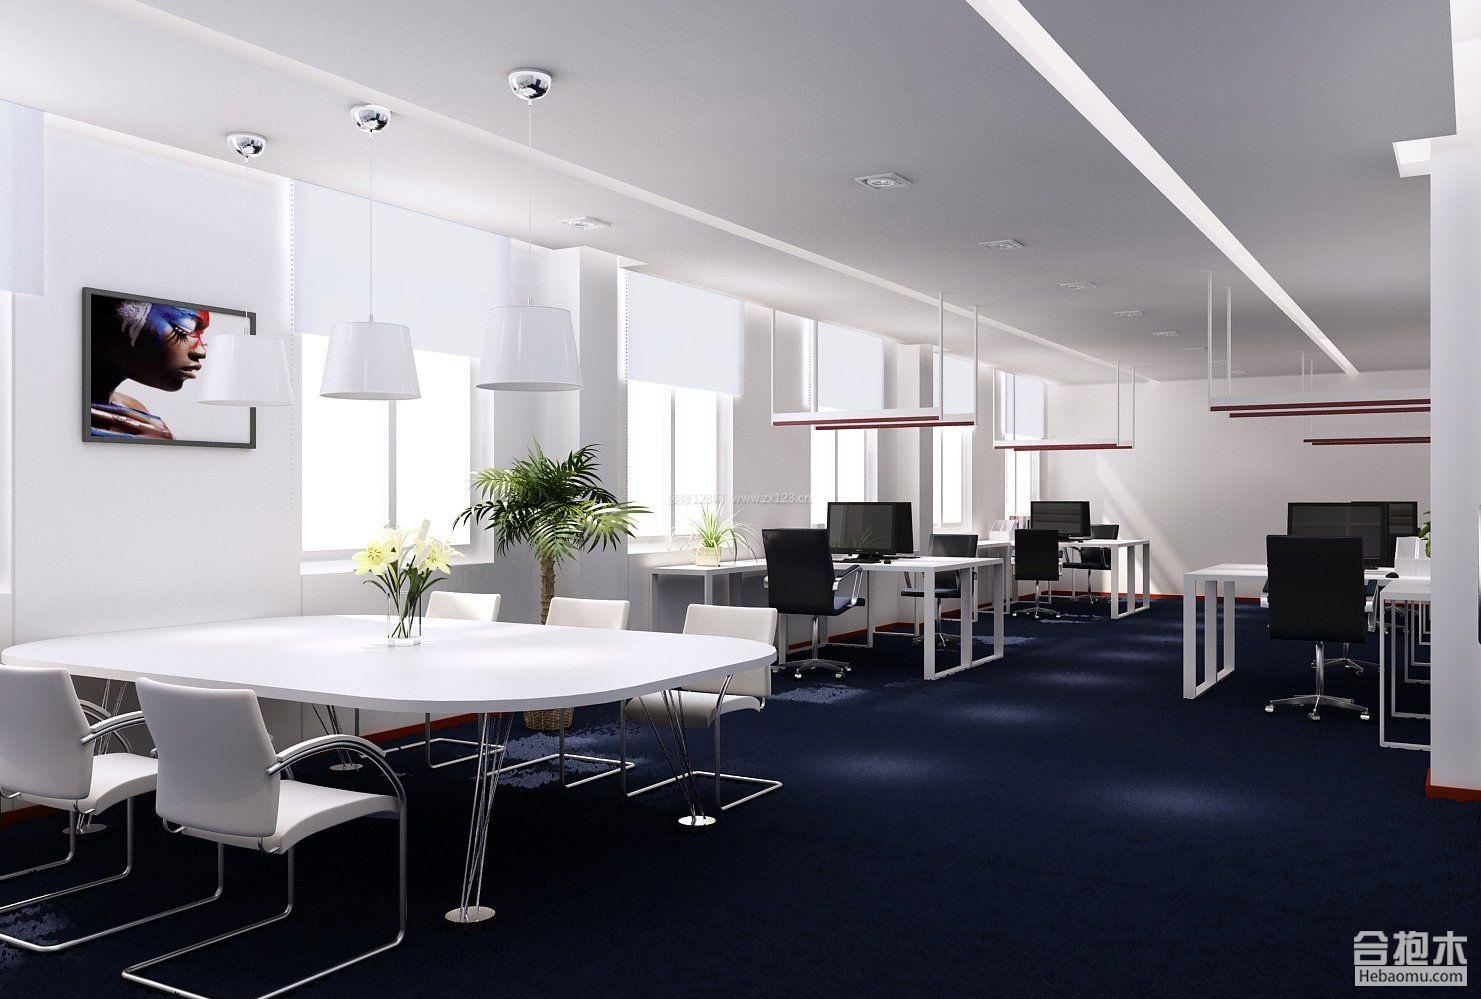 辦公室內裝修圖,辦公室裝修,辦公室,